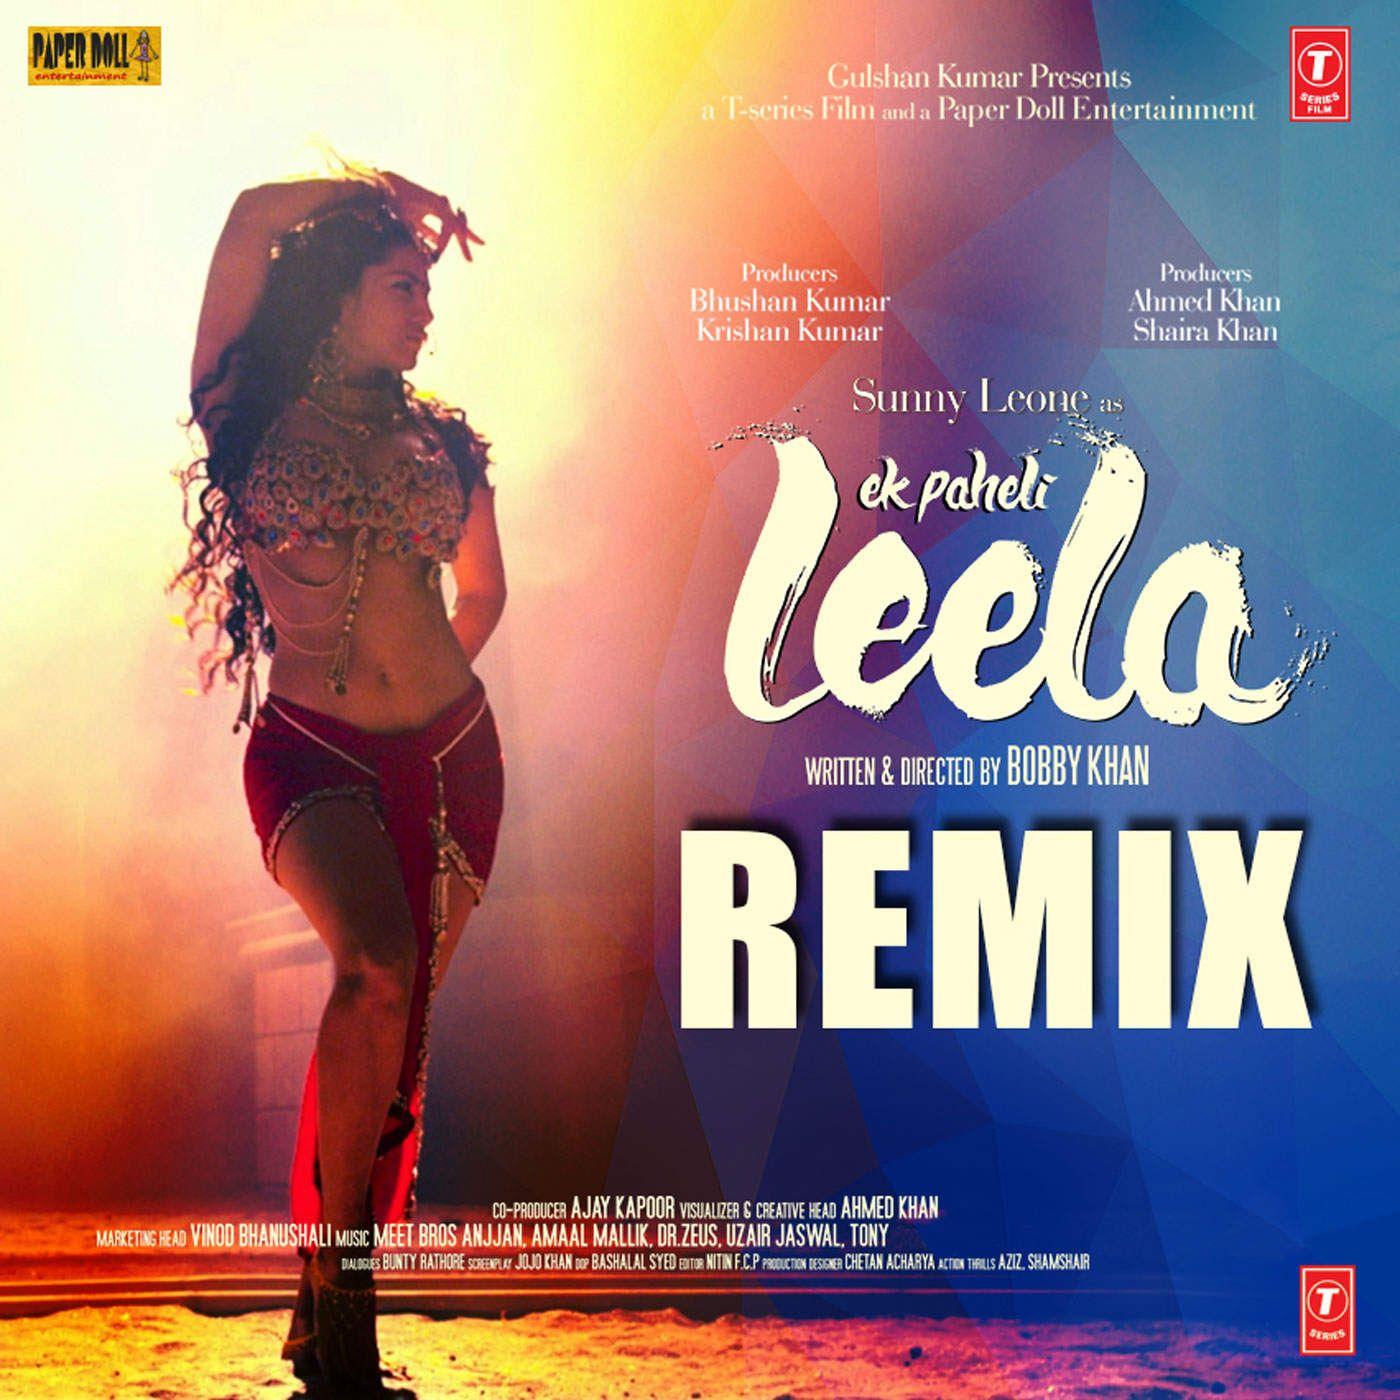 Mandarakavile Psytrance Remix Song Download: Dj Remix Songs Free Download Telugu 2015 » Dj Telugu Folk